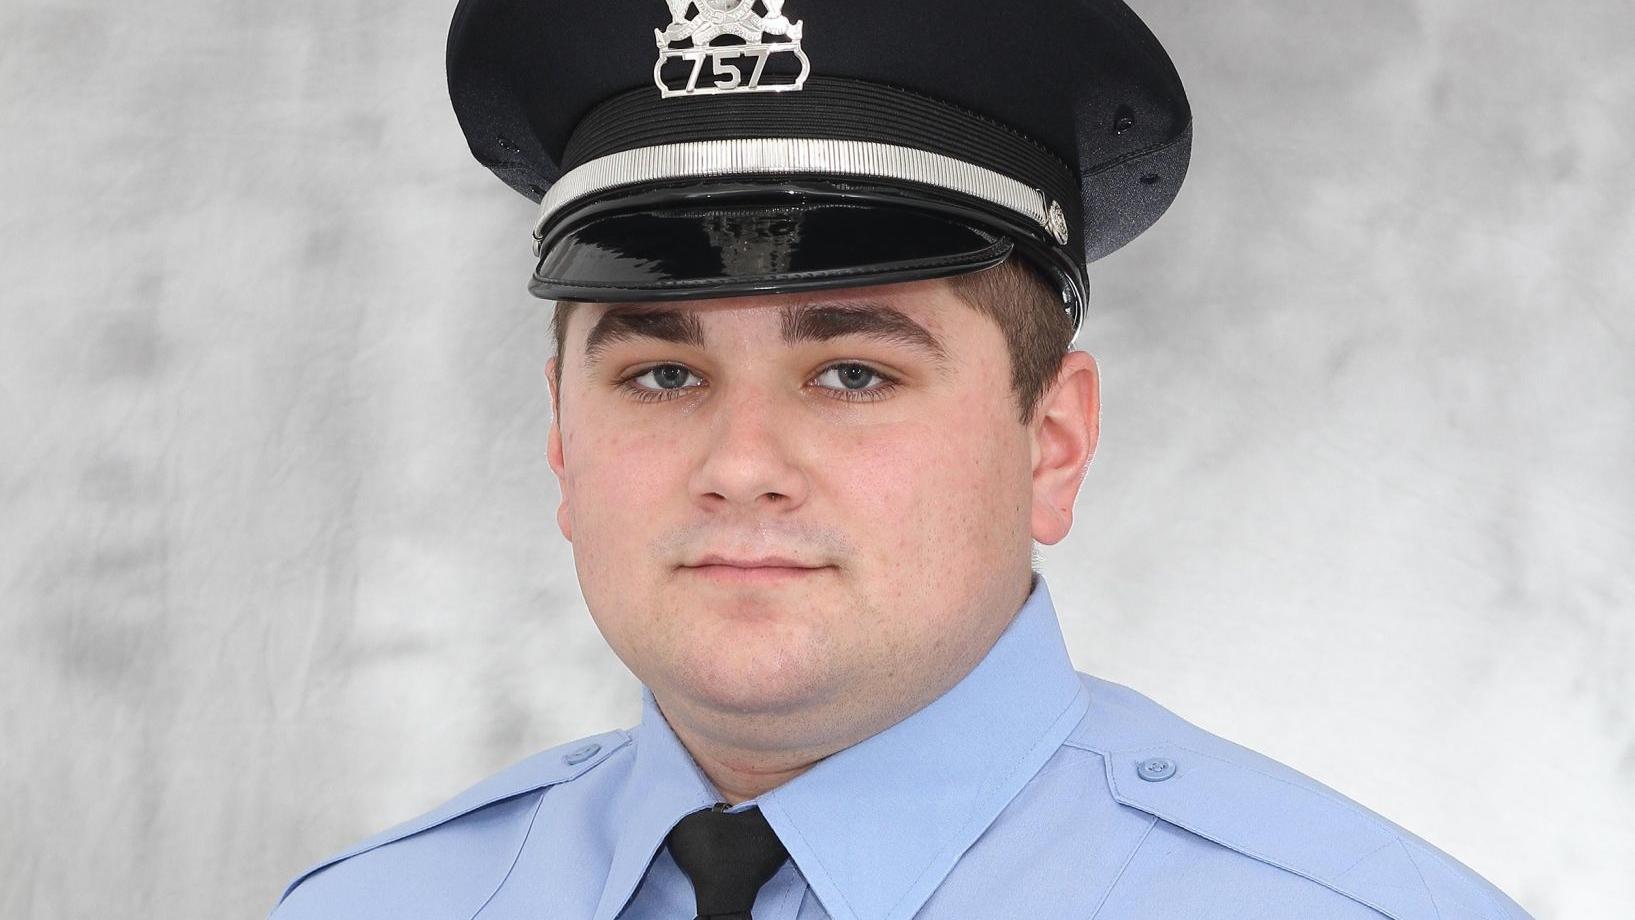 St. Louis Police Officer Alexander Klein